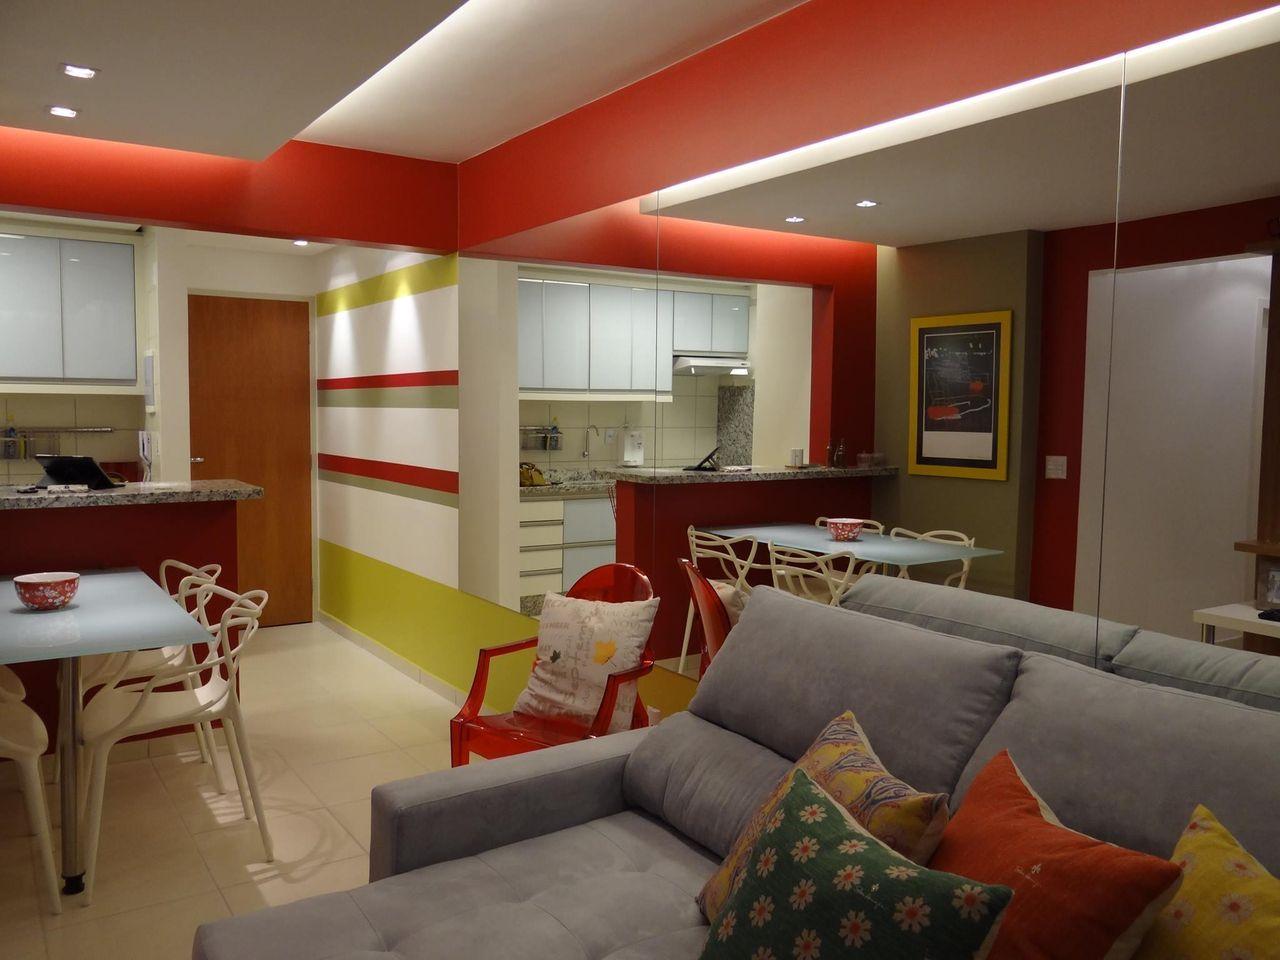 Decoração com sala colorida e armários simples.